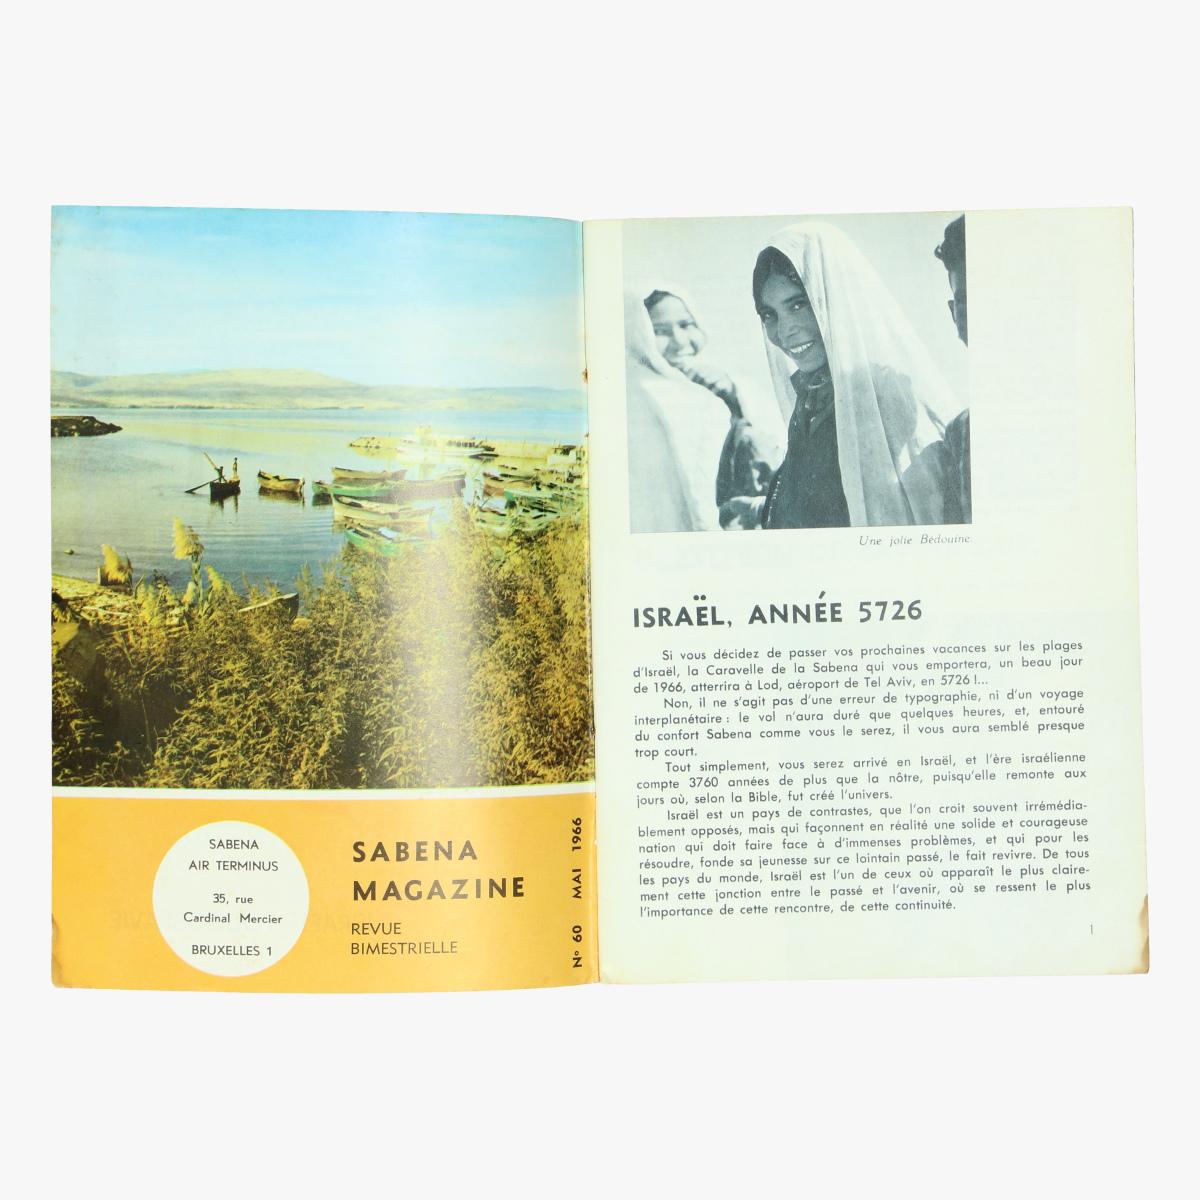 Afbeeldingen van sabena magazine 1966 israel-yougoslavie